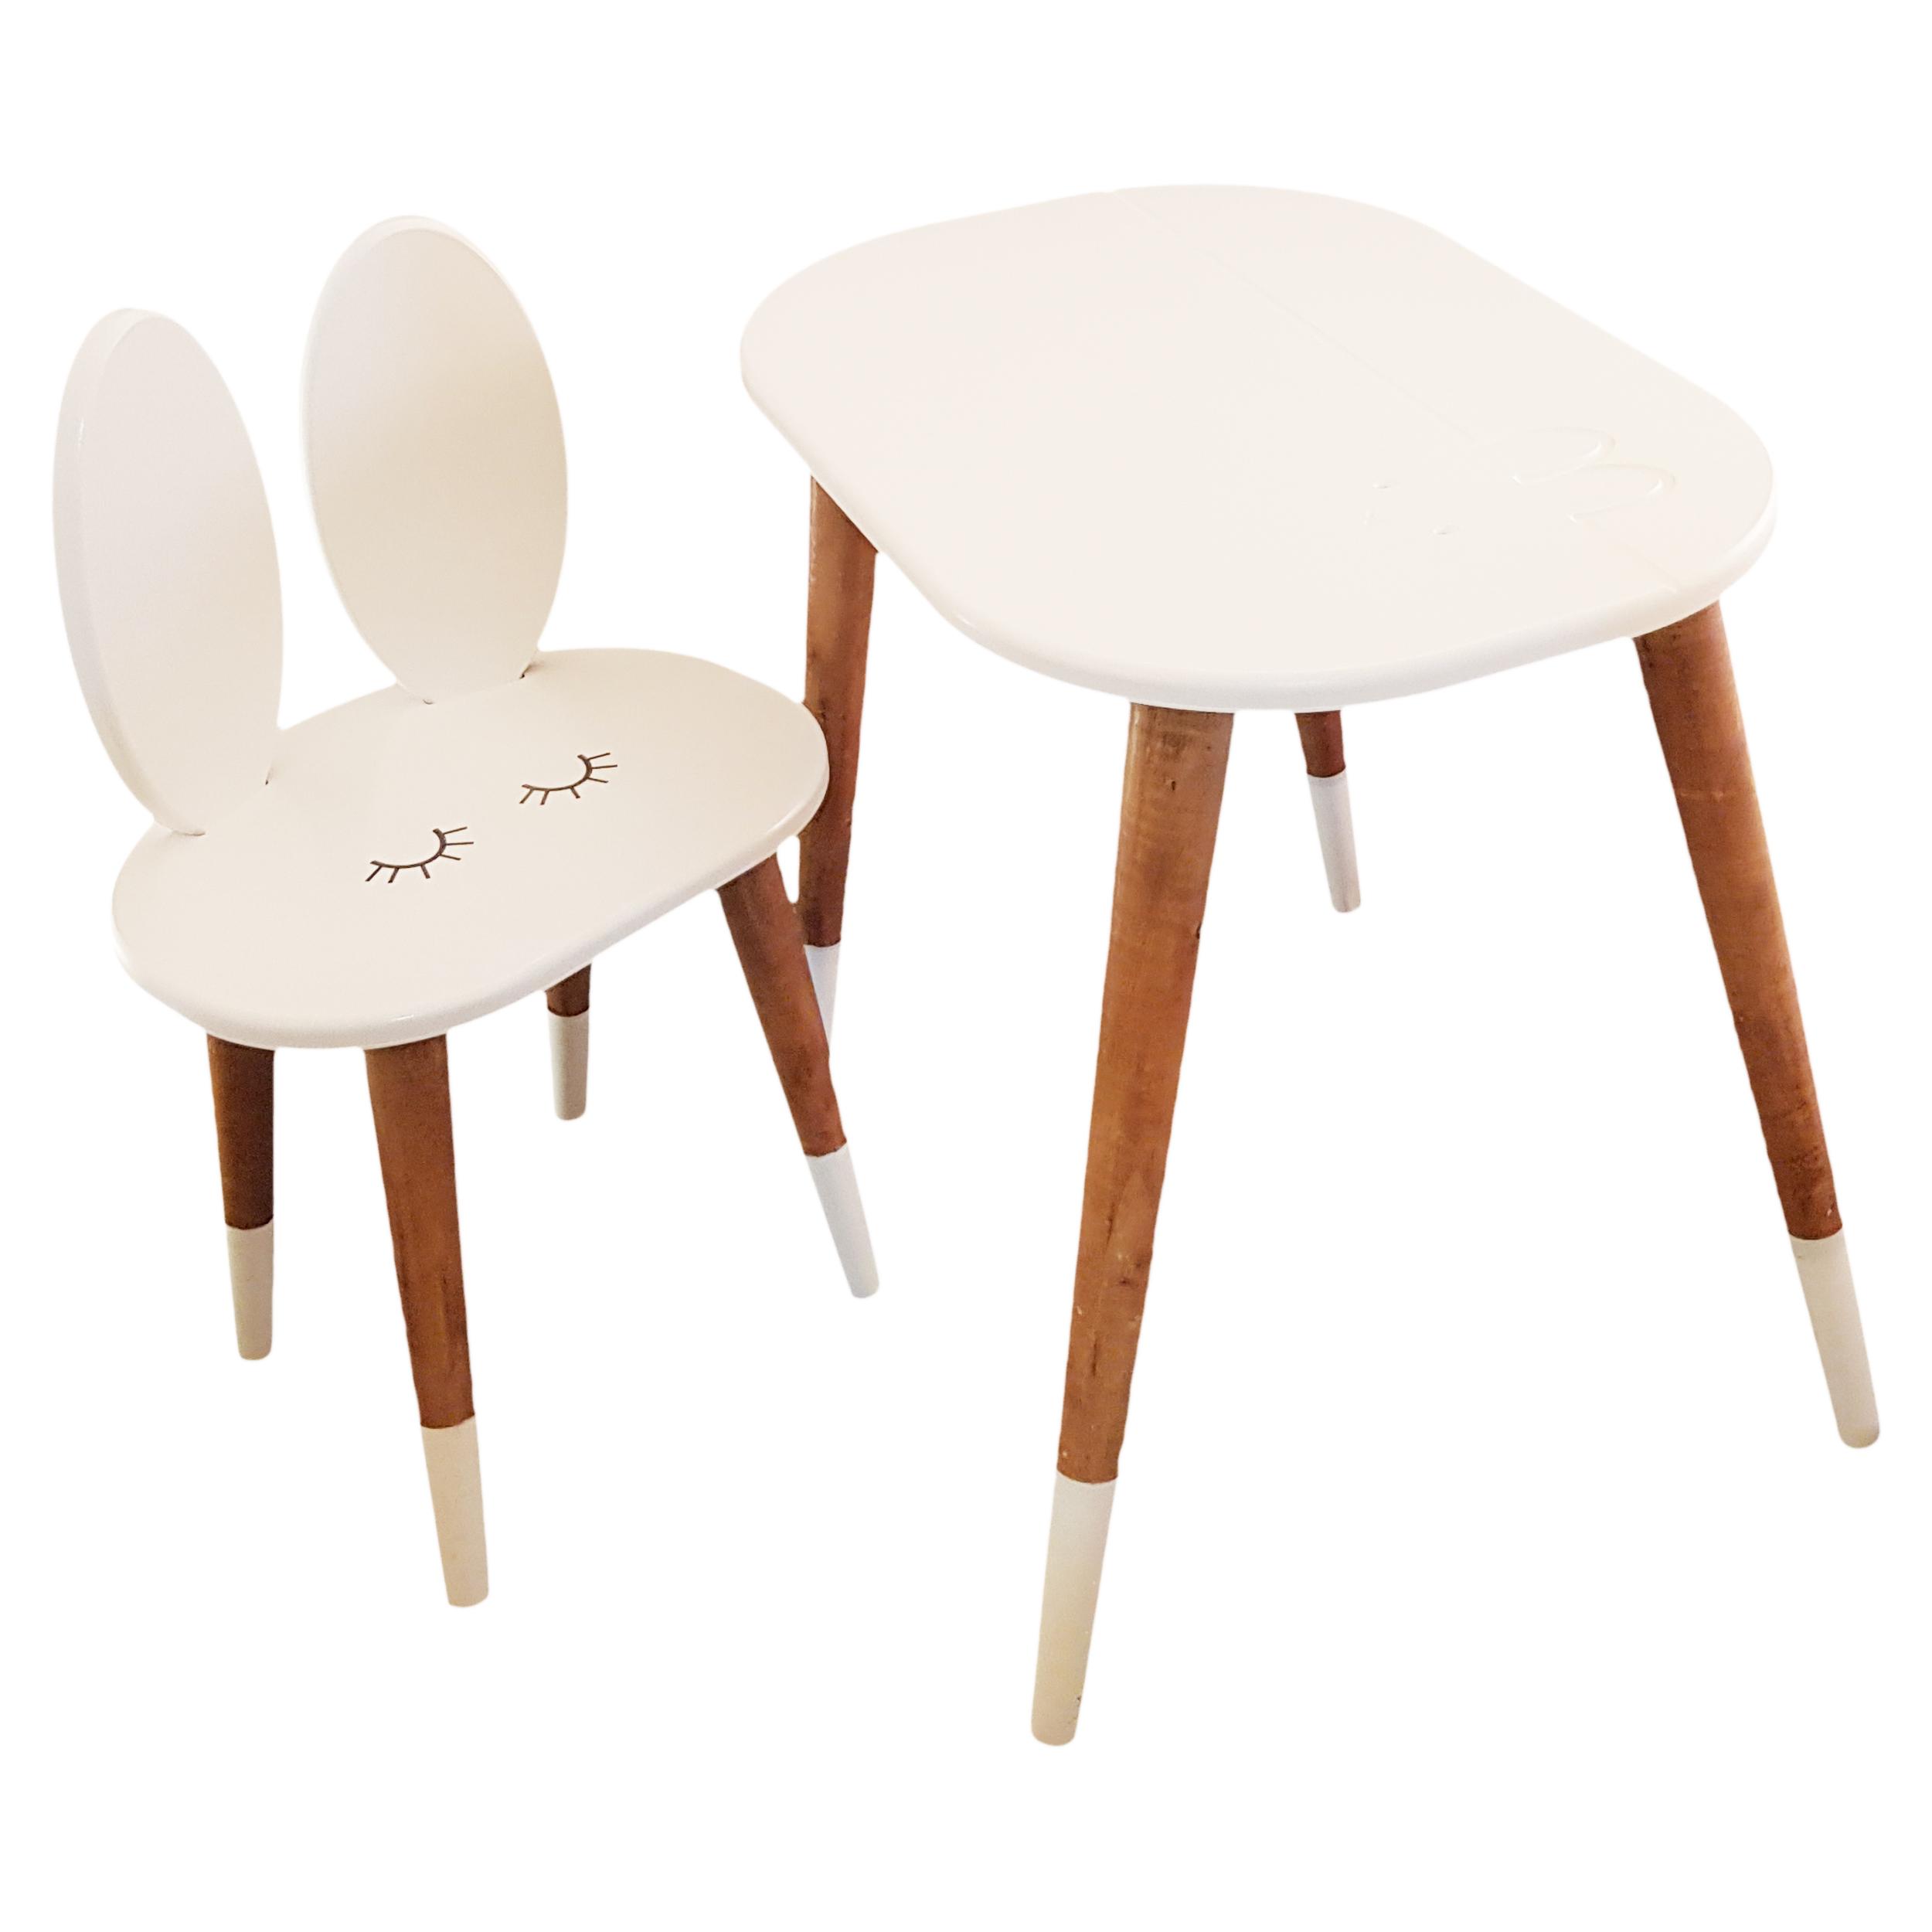 ست میز و صندلی کودک مدل Ra